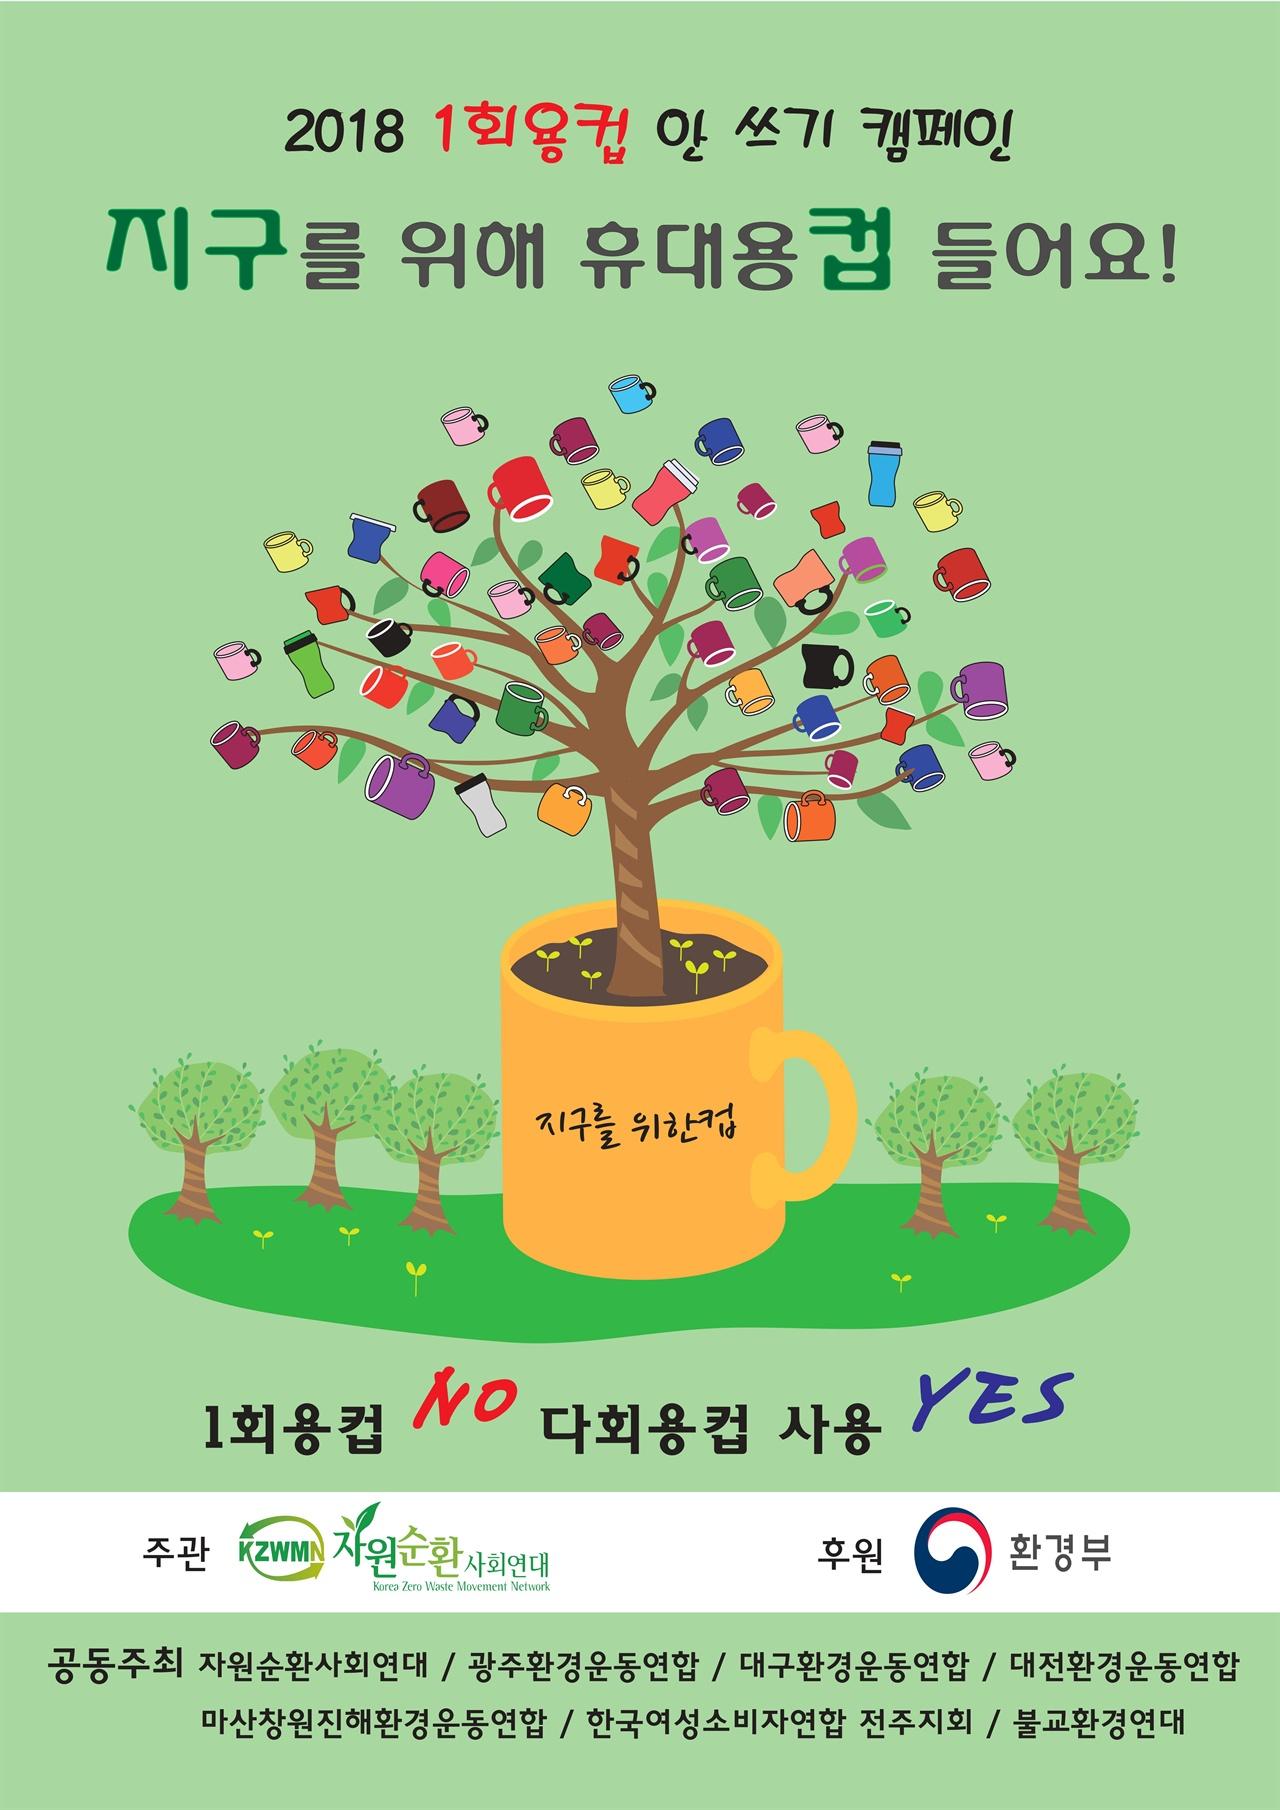 지구를 위해 유대용컵 들어요! 대전환경운동연합과 (사)자원순환사회연대, 환경부가 함께 자원순환 캠페인을 진행 중이다.